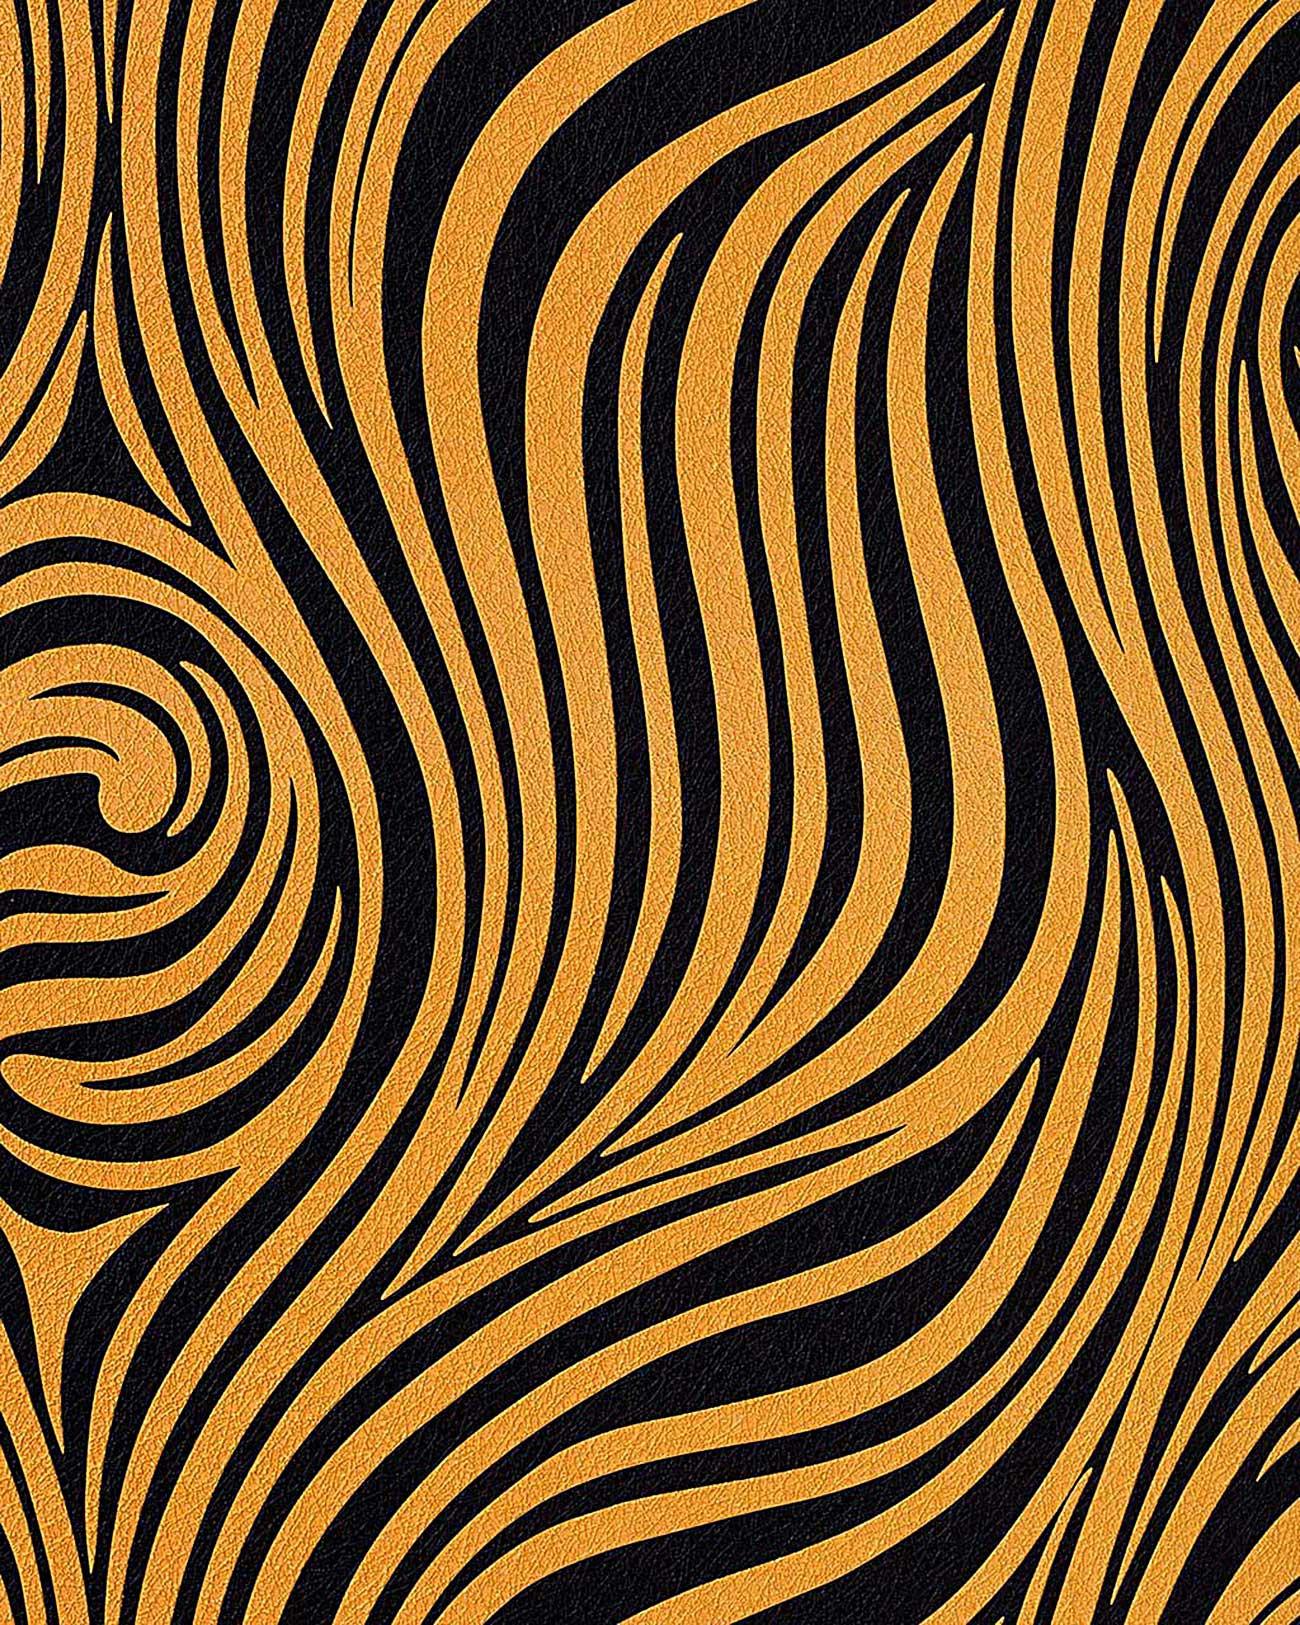 Papel pintado con patr n a rayas edem 1016 11 de cebra en for Papel pintado cebra